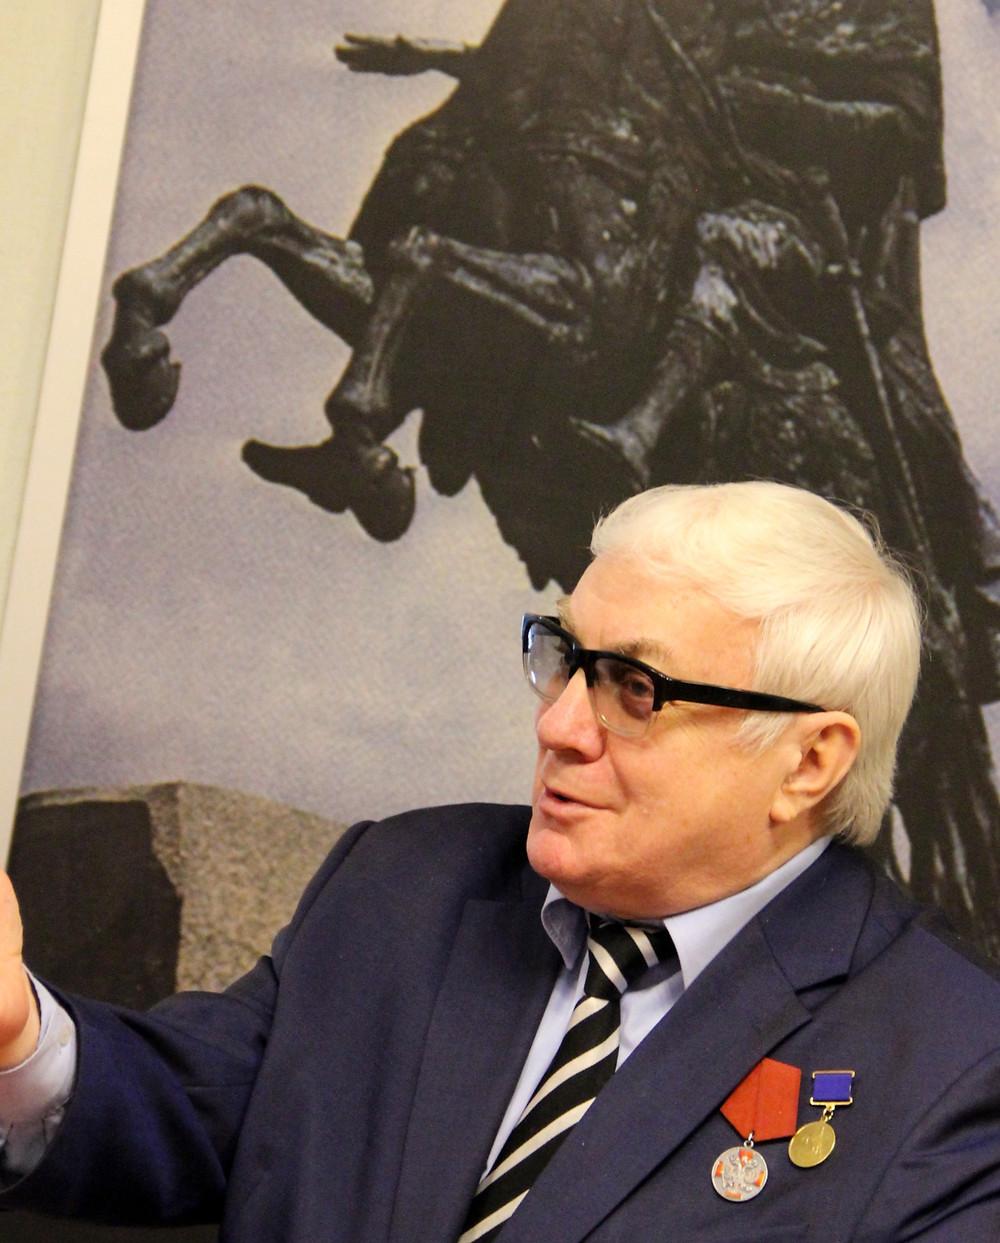 Роман Пастухов, президент Санкт-Петербургского союза предпринимателей руководит организацией более 30 лет